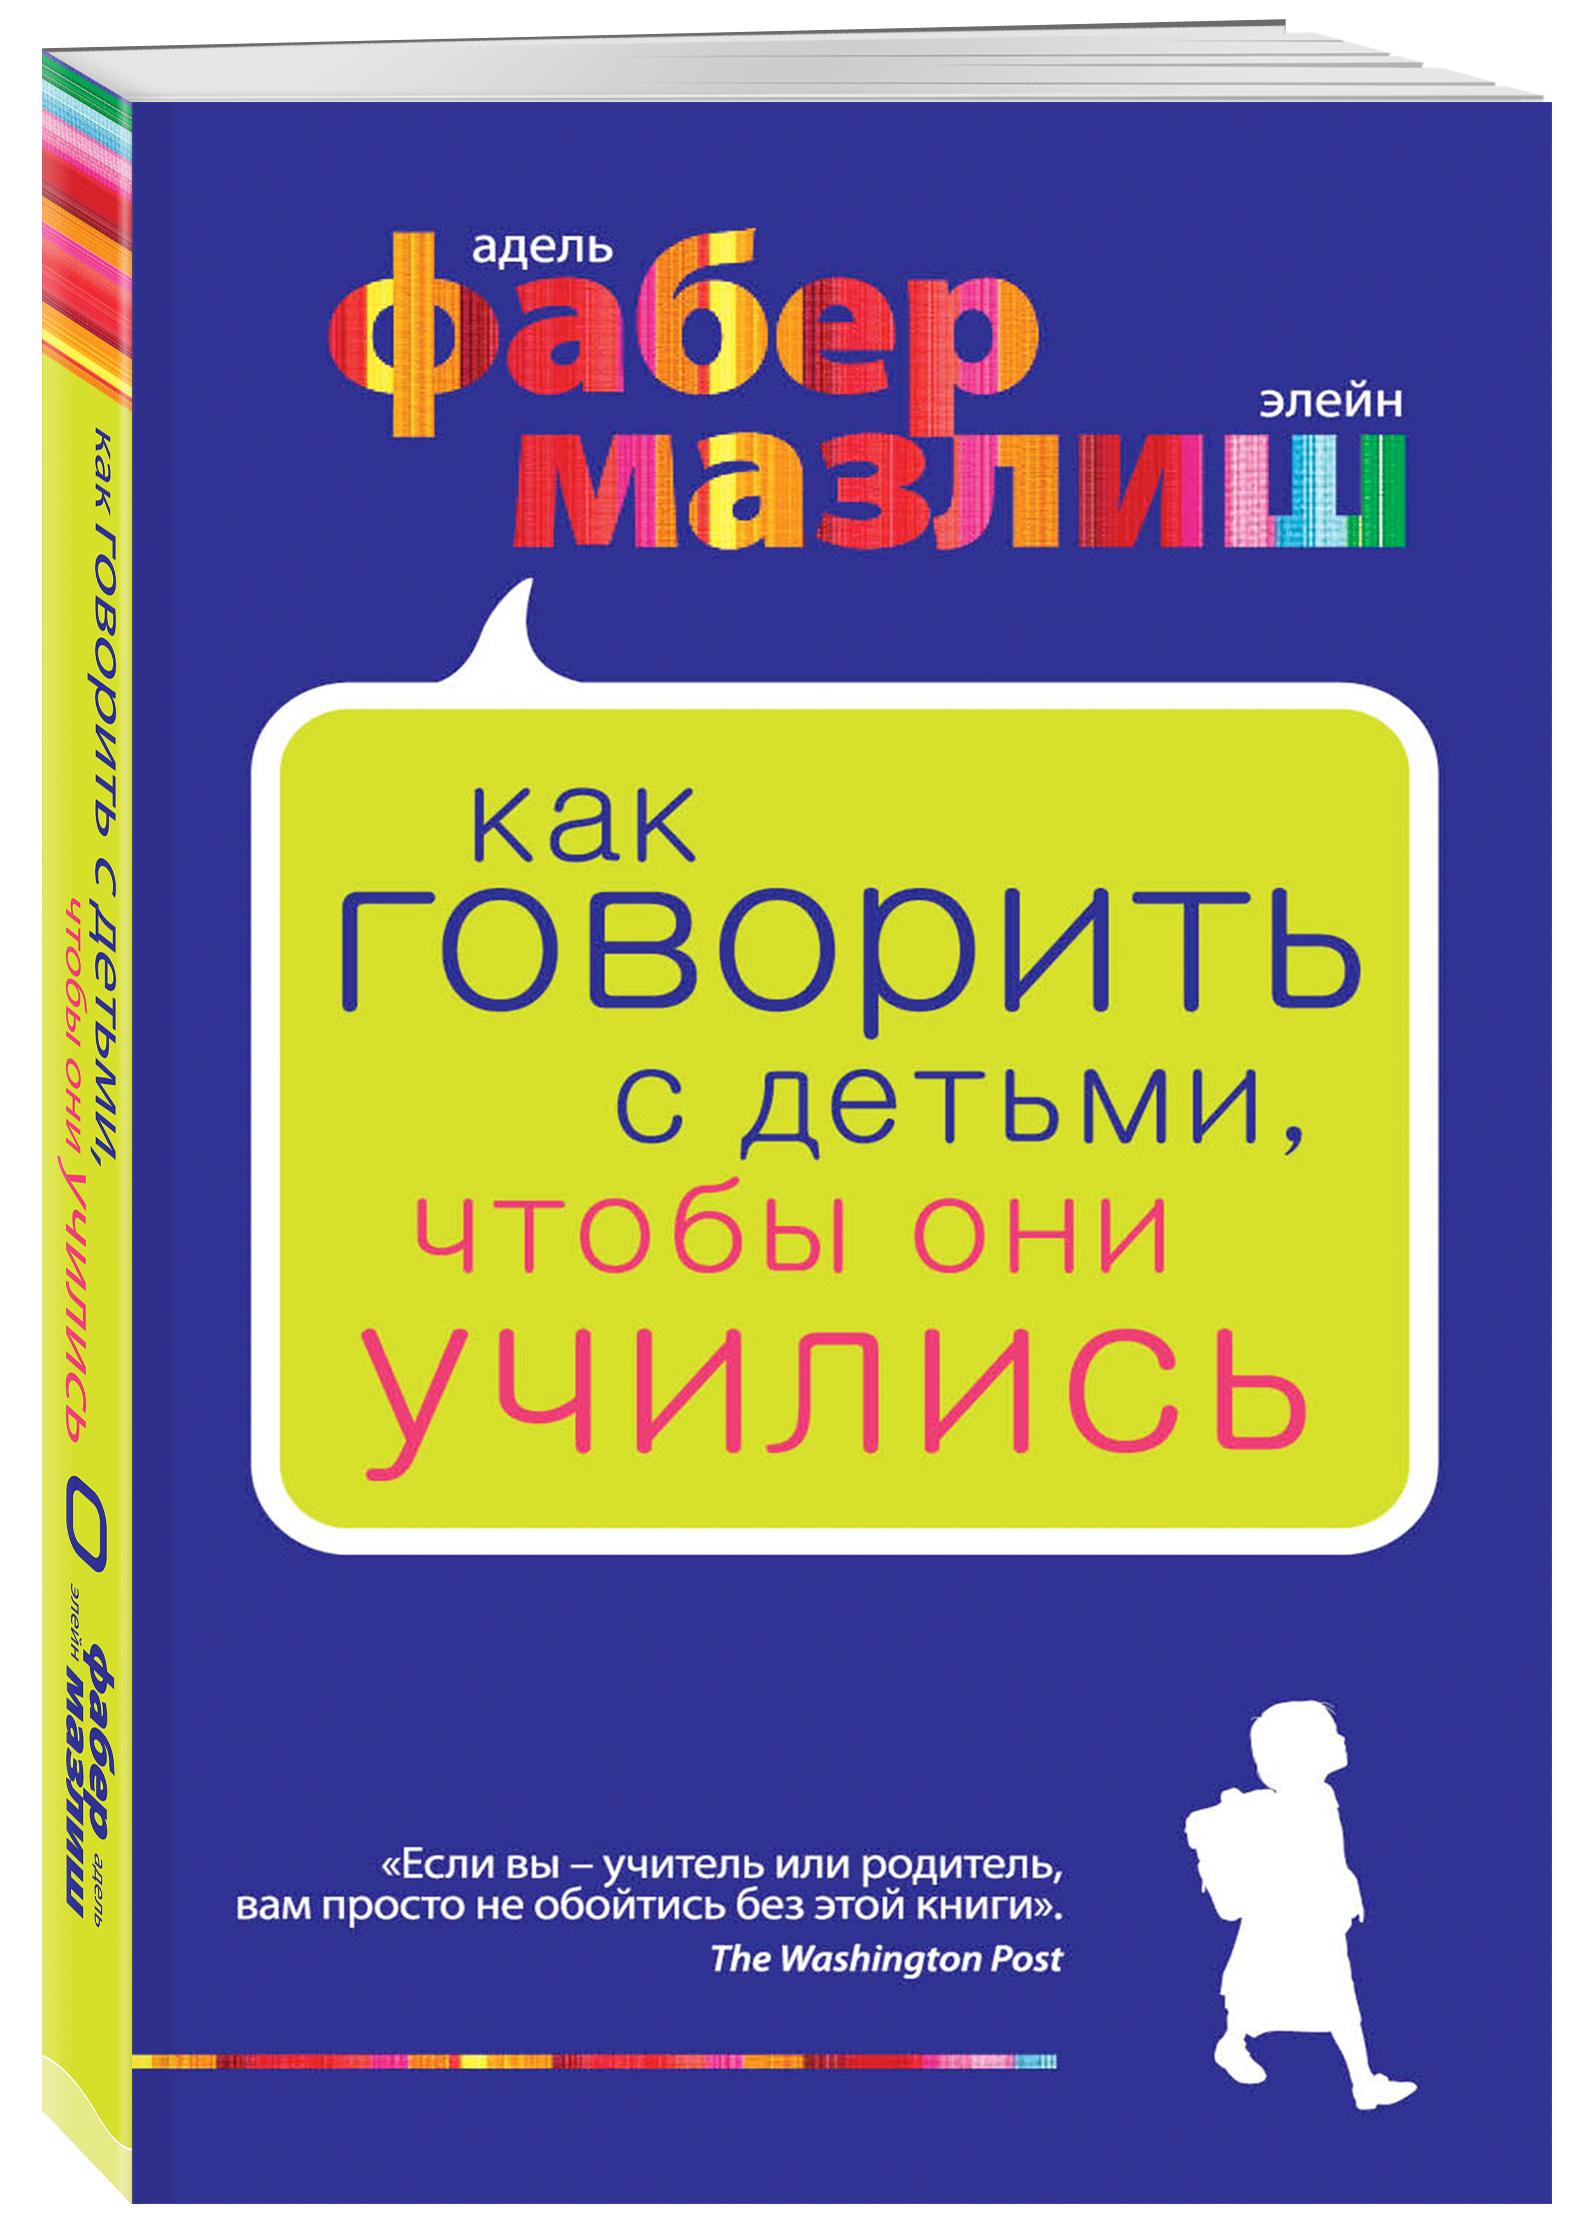 Адель Фабер, Элейн Мазлиш Как говорить с детьми, чтобы они учились фабер адель мазлиш элейн книга 6 про детей